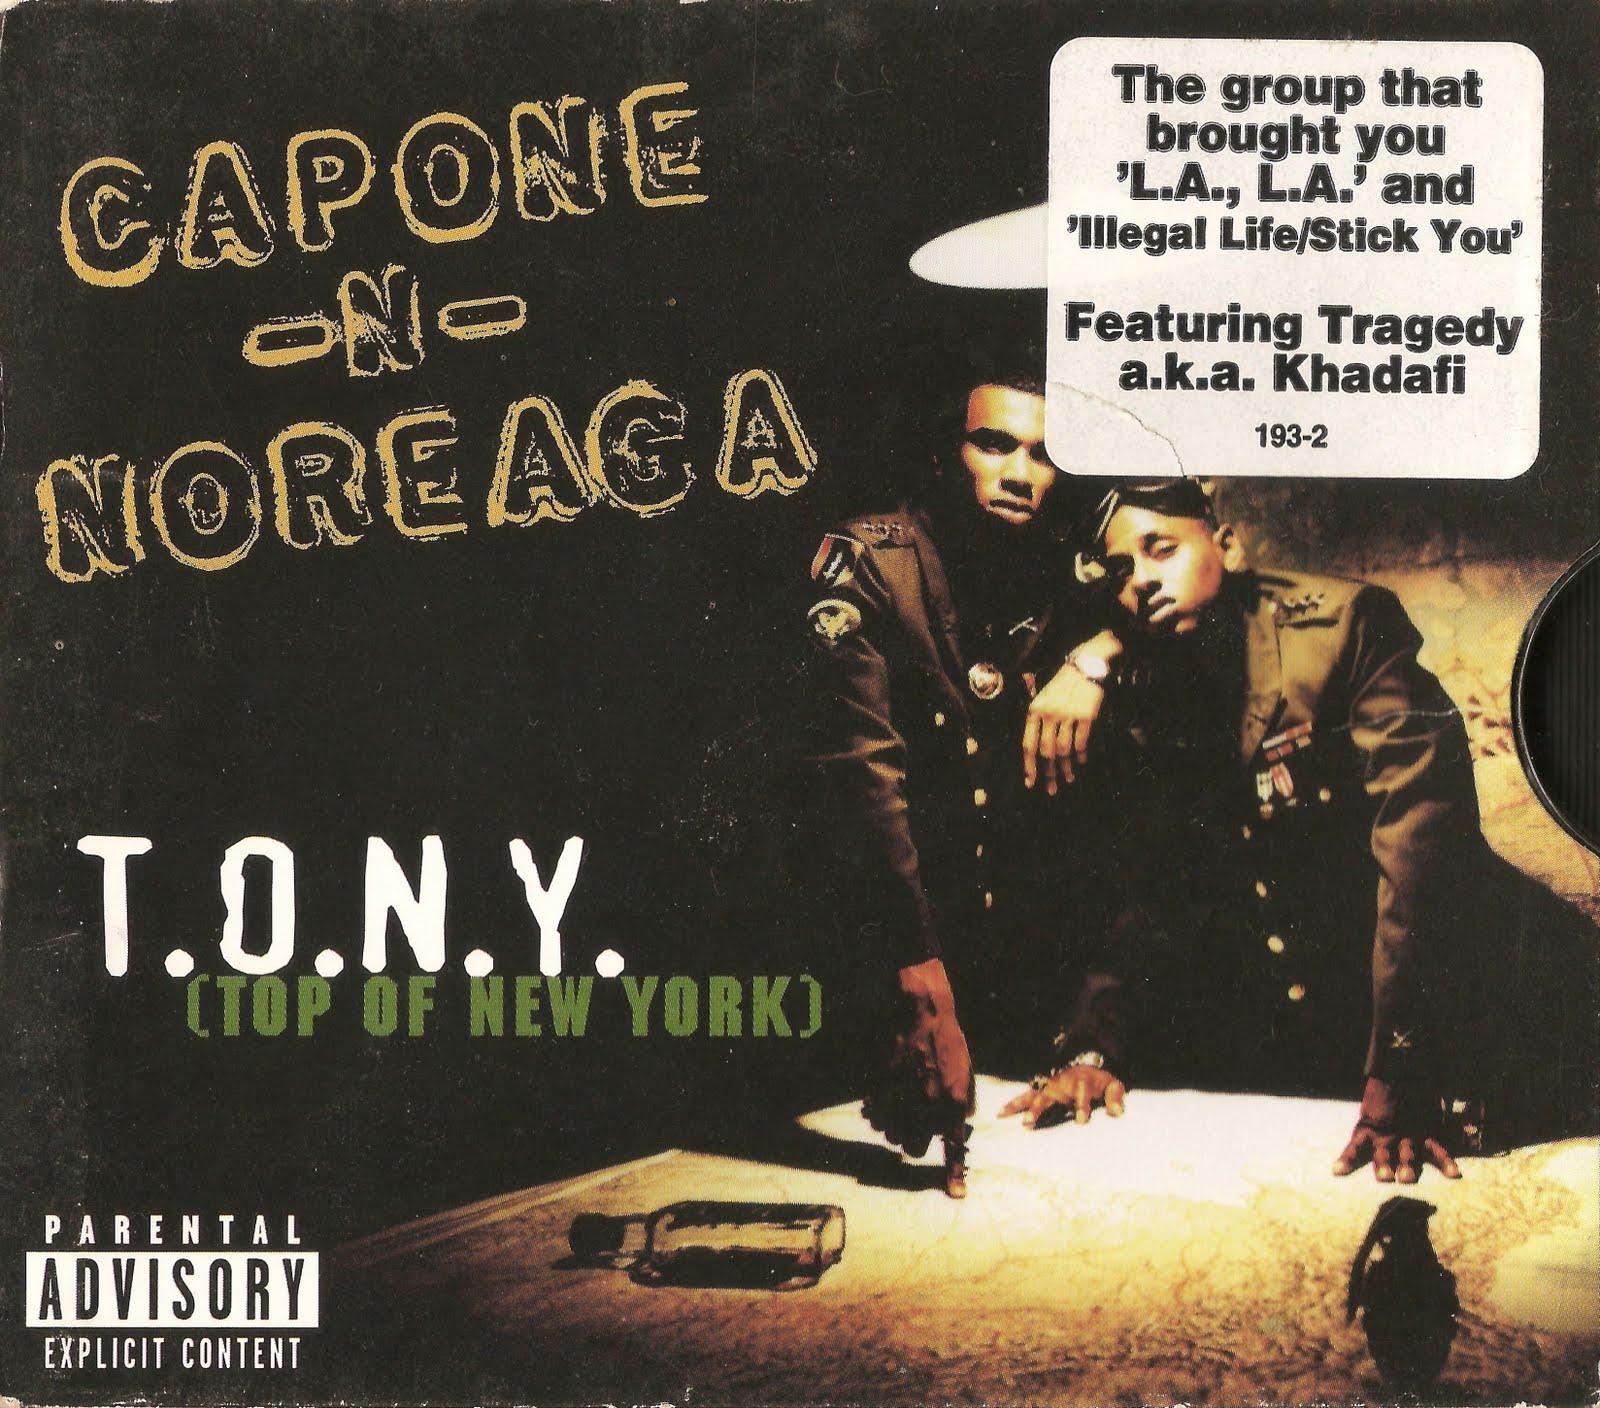 http://4.bp.blogspot.com/-iLOTcfNELsE/TkNrKY7D0uI/AAAAAAAACNM/gFe2M6HmP7s/s1600/TONY+FRONT+001.jpg